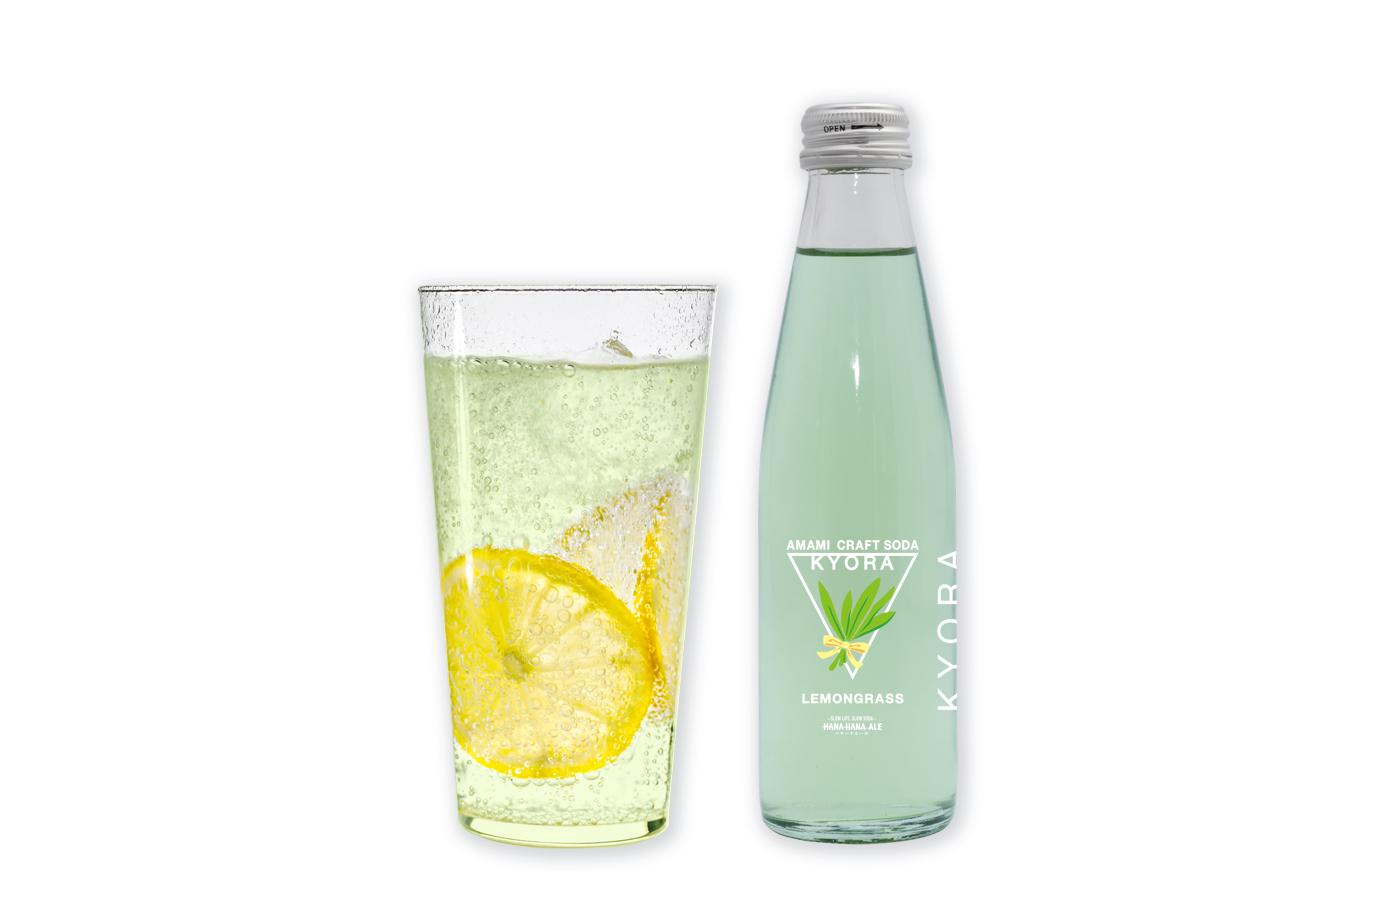 【ふるさと納税】L-17 奄美クラフトソーダKYORA計40本セット(レモングラス)